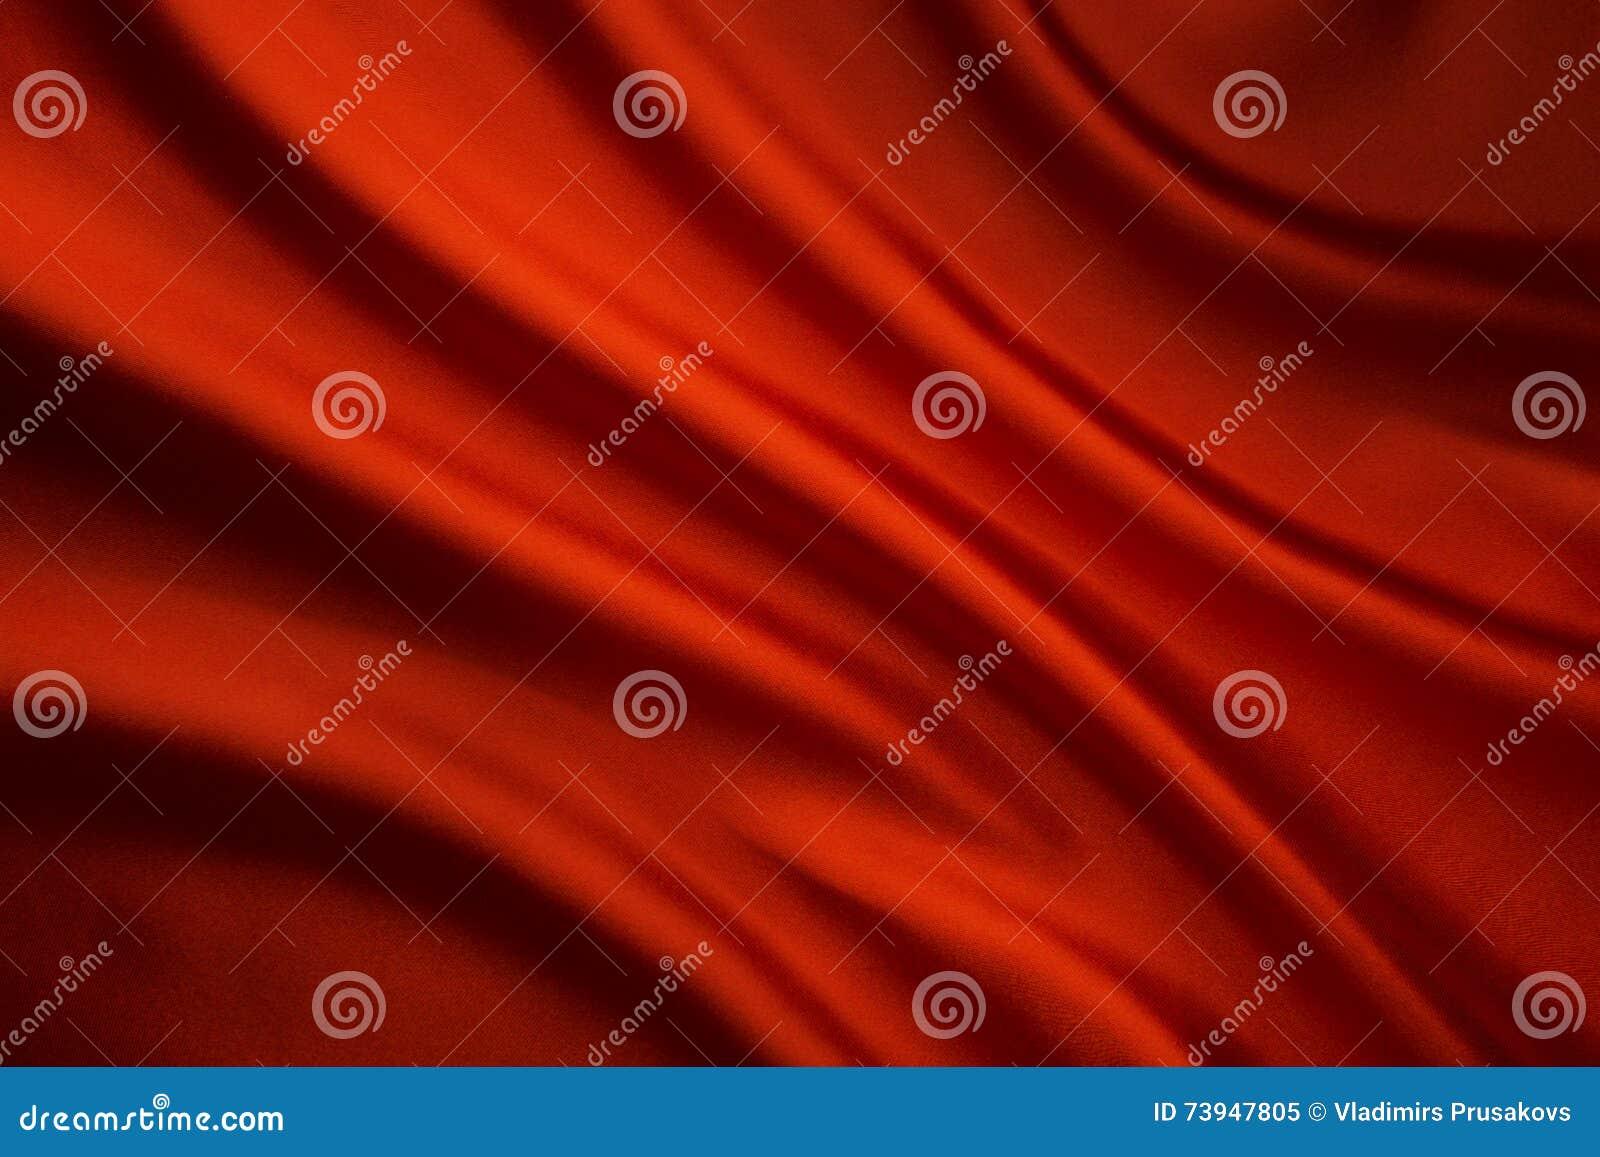 Fond de vague de tissu en soie, texture rouge abstraite de tissu de satin